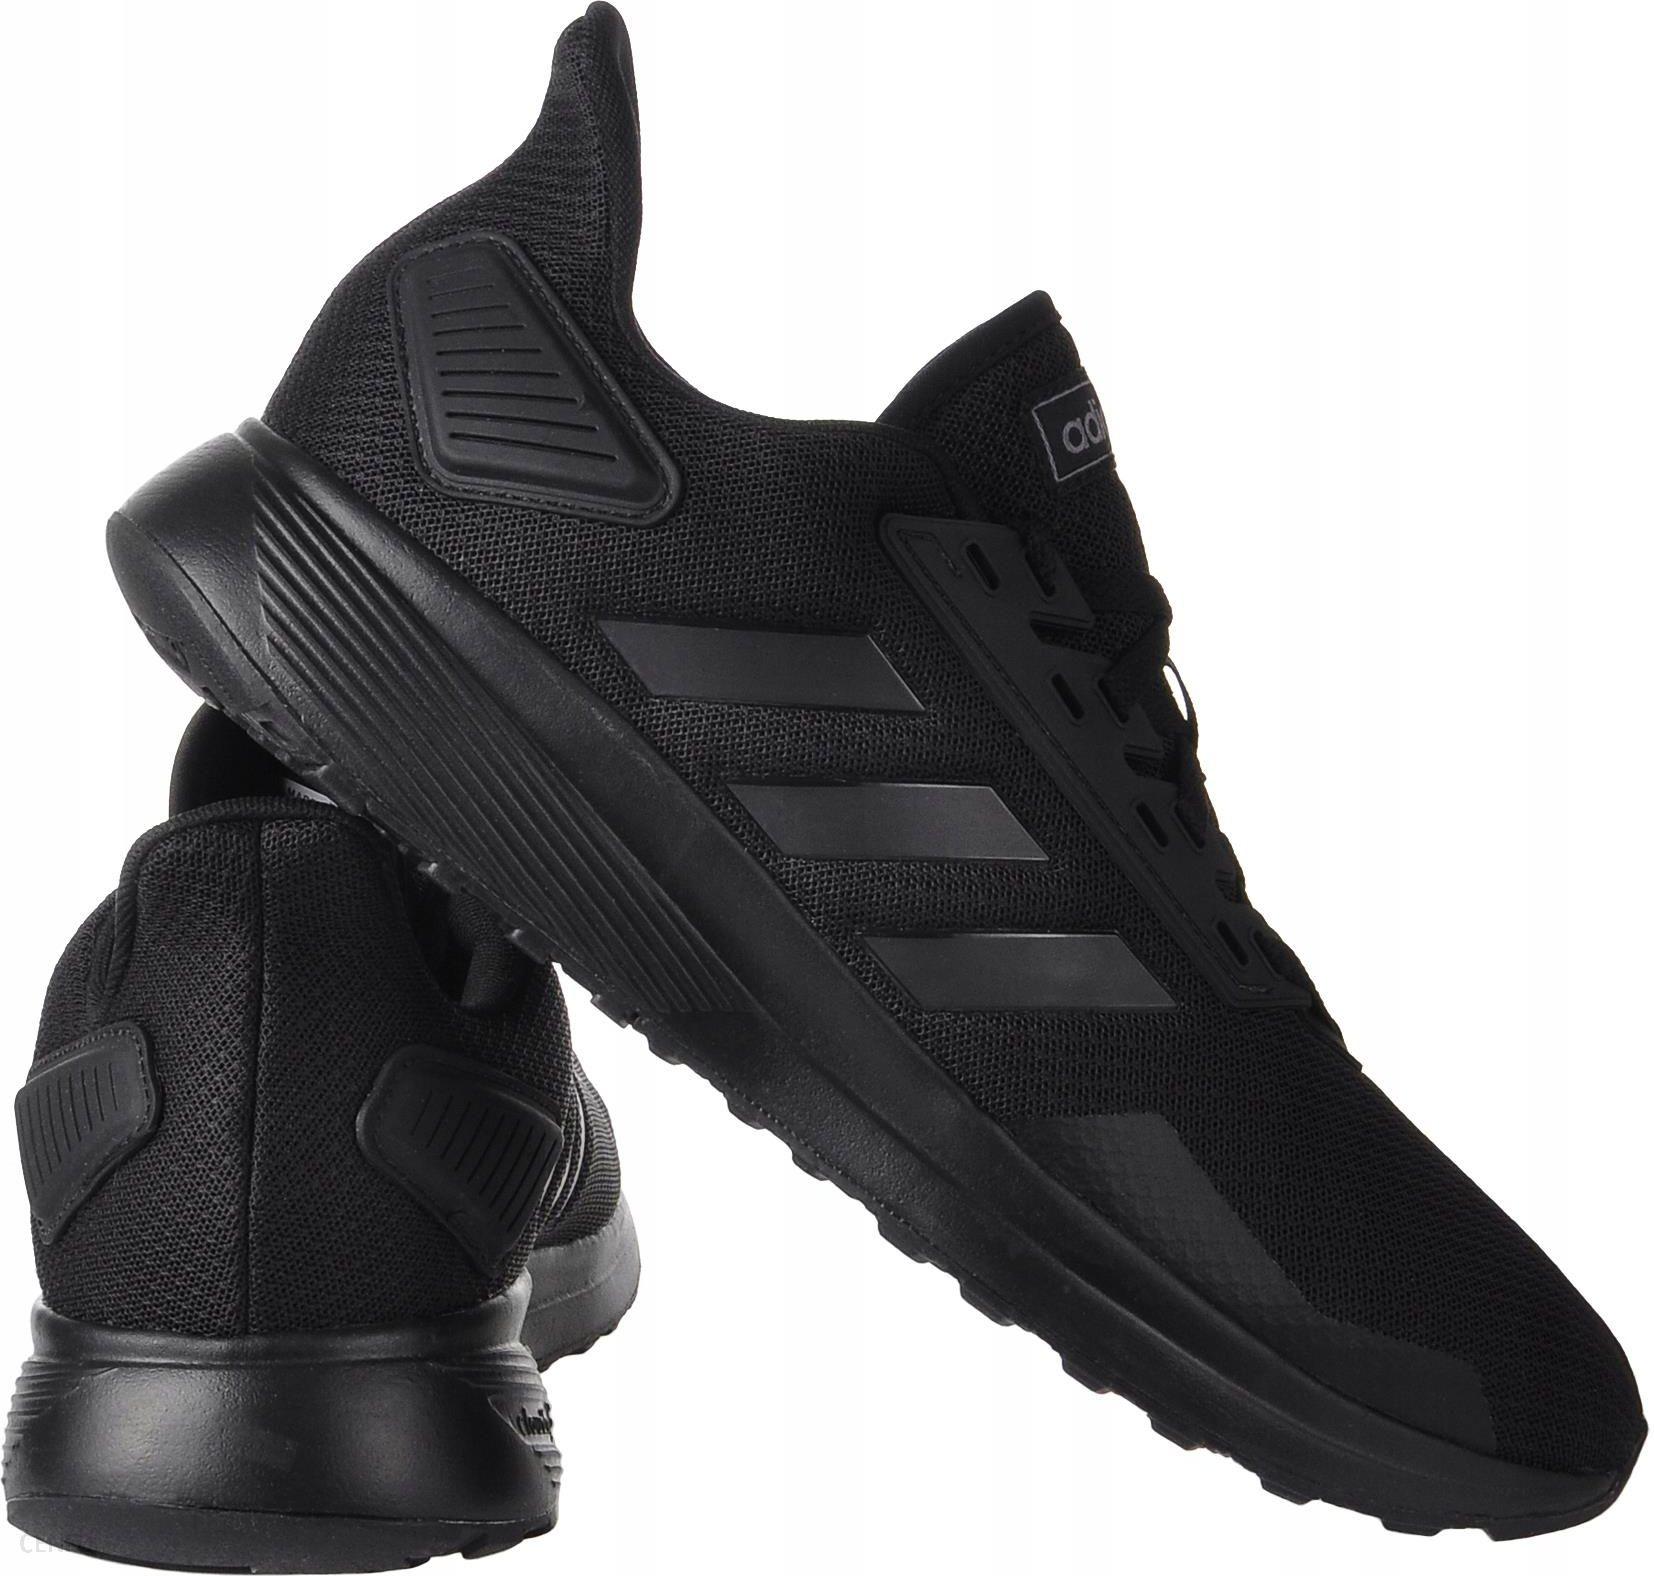 Buty męskie Adidas Duramo 9 B96578 Czarne r.43 13 Ceny i opinie Ceneo.pl